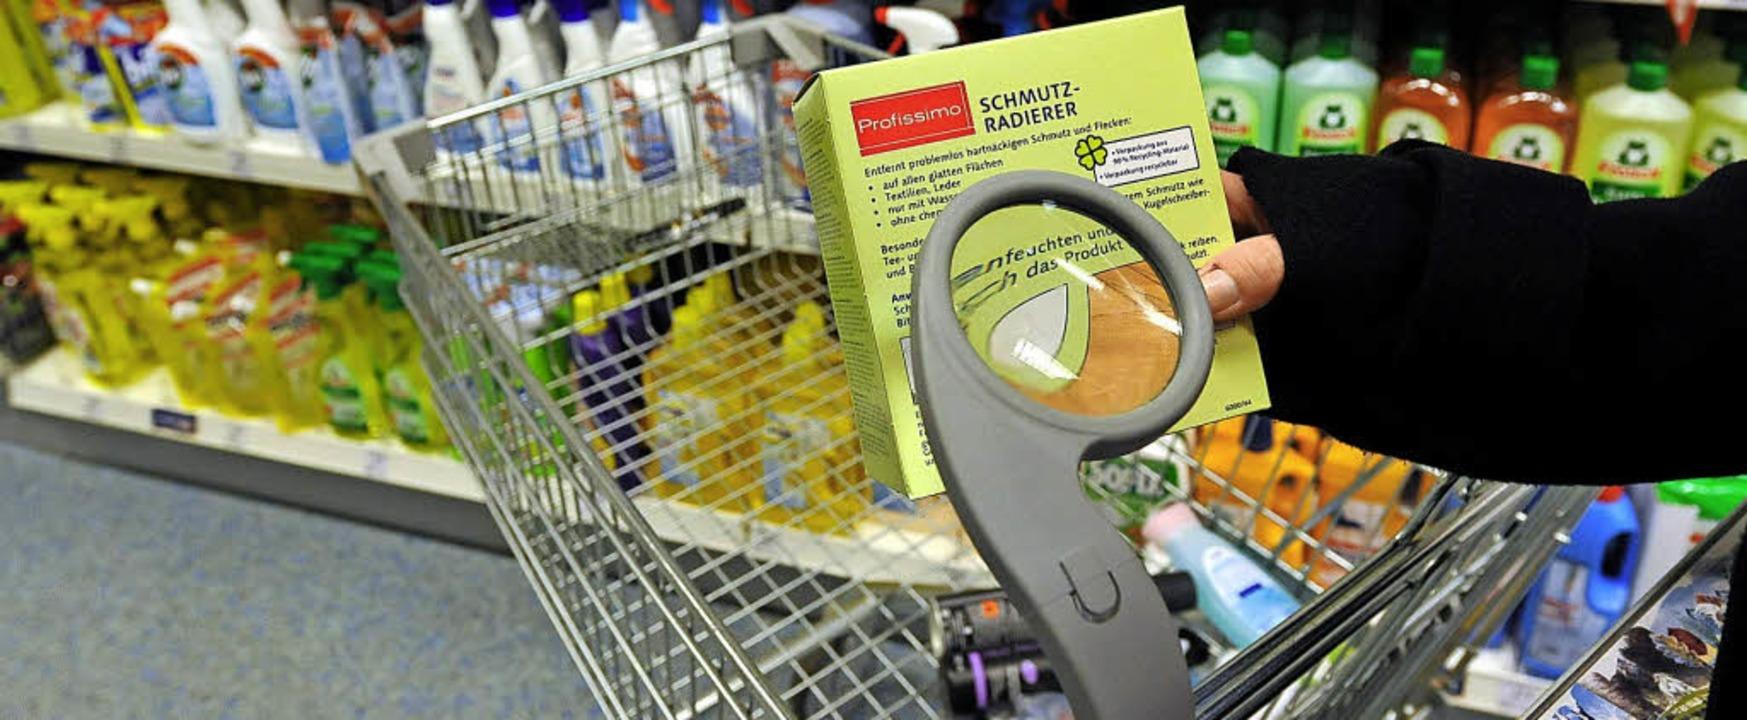 Die Lesehilfe ist ein Beitrag zum generationenfreundlichen Einkauf.     Foto: Jochen Lübke (dpa)